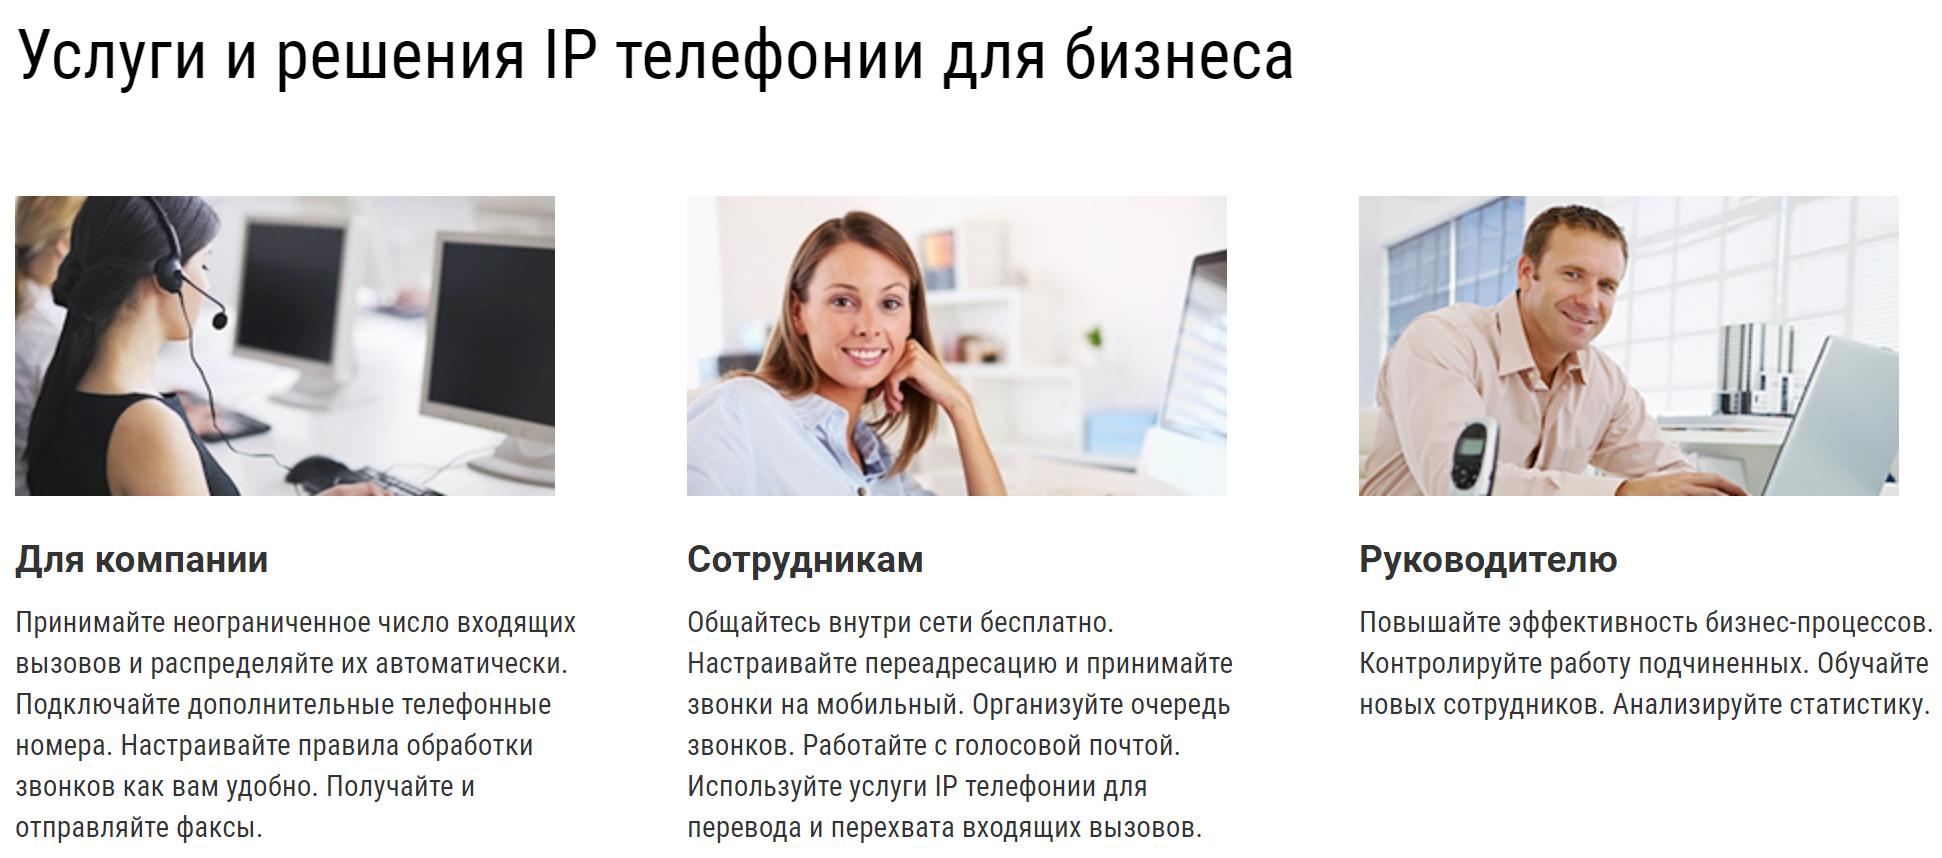 Услуги и решения IP телефонии для бизнеса